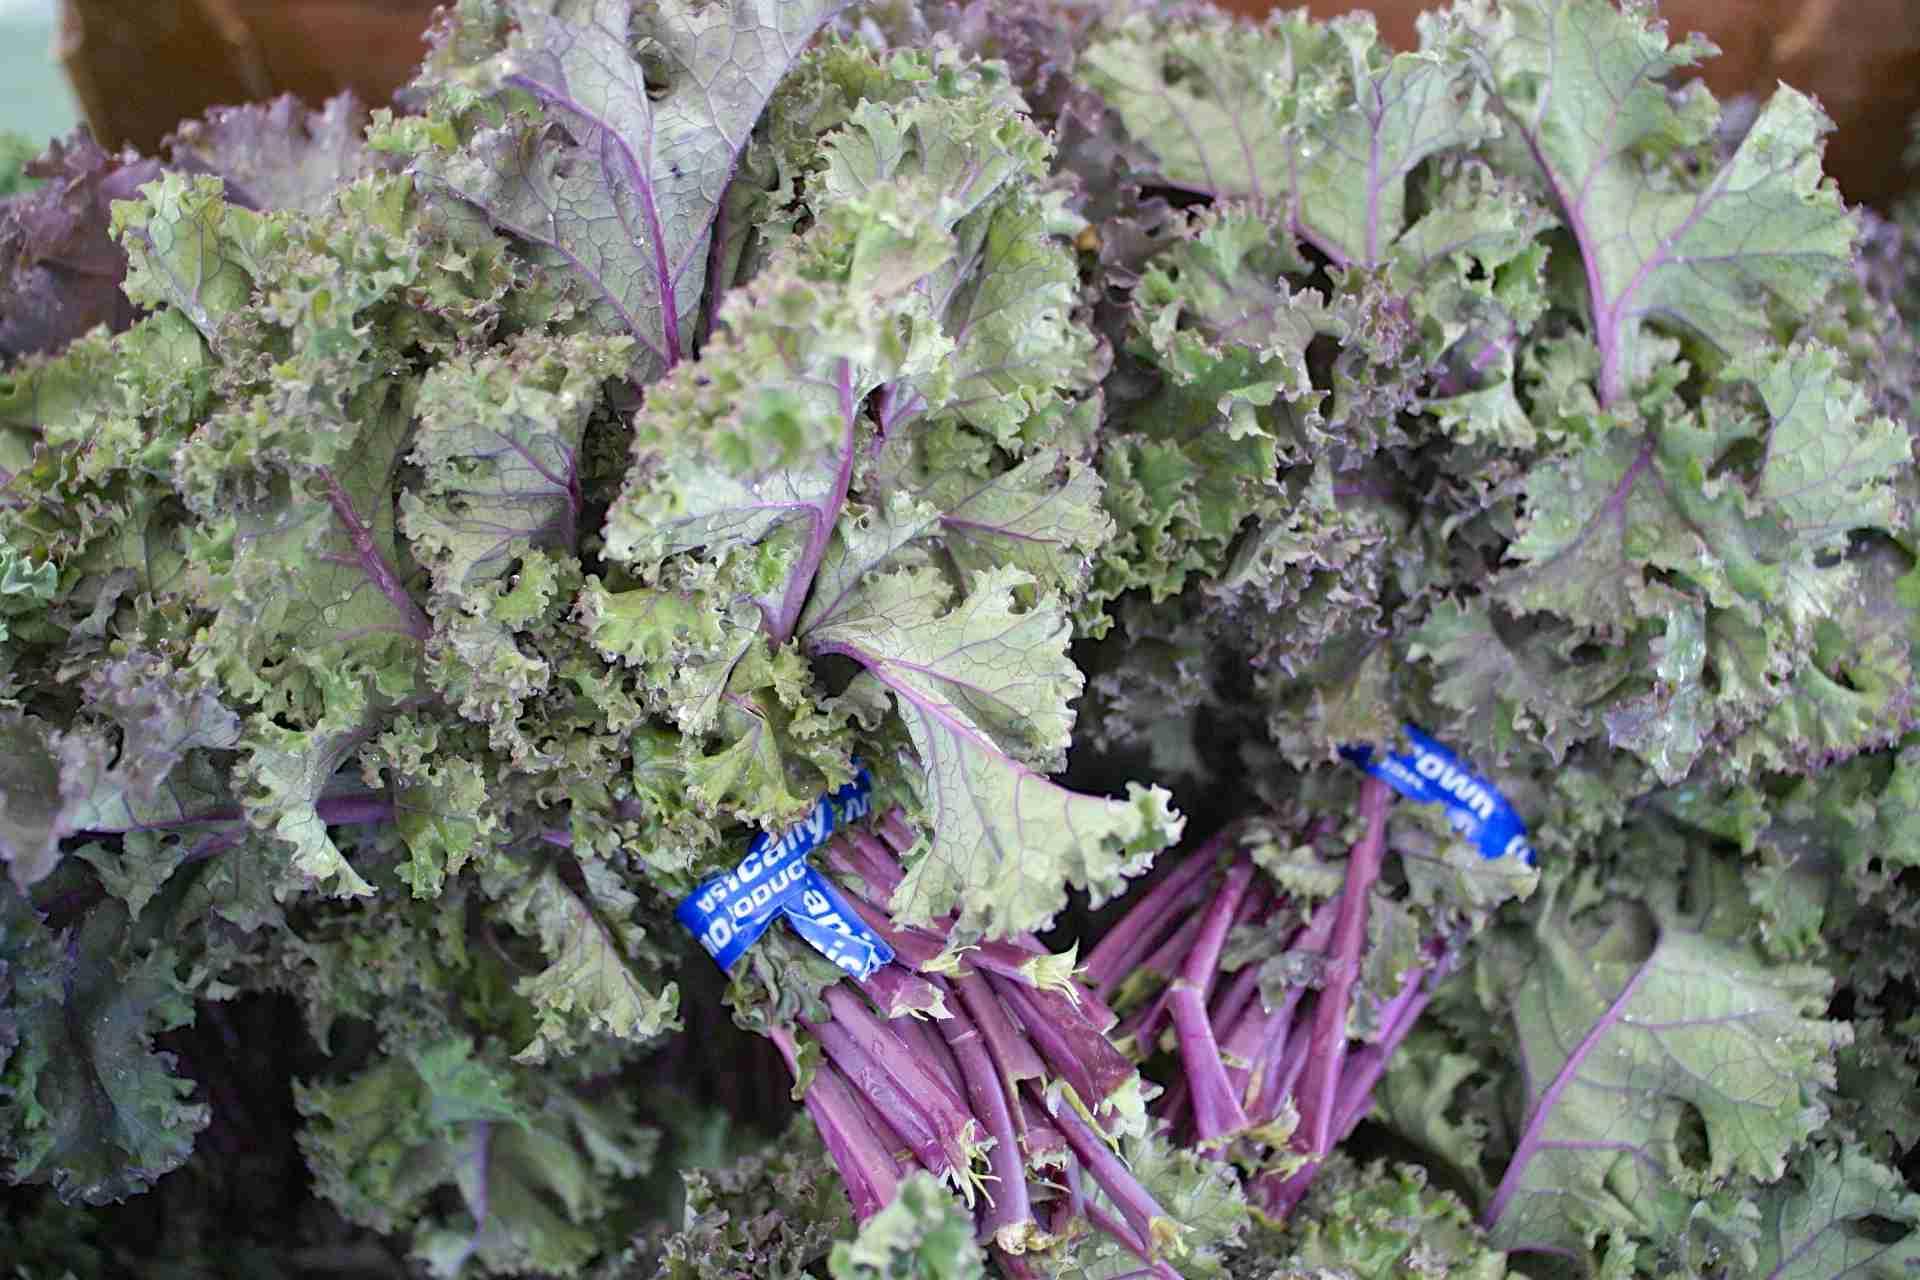 Russian Kale